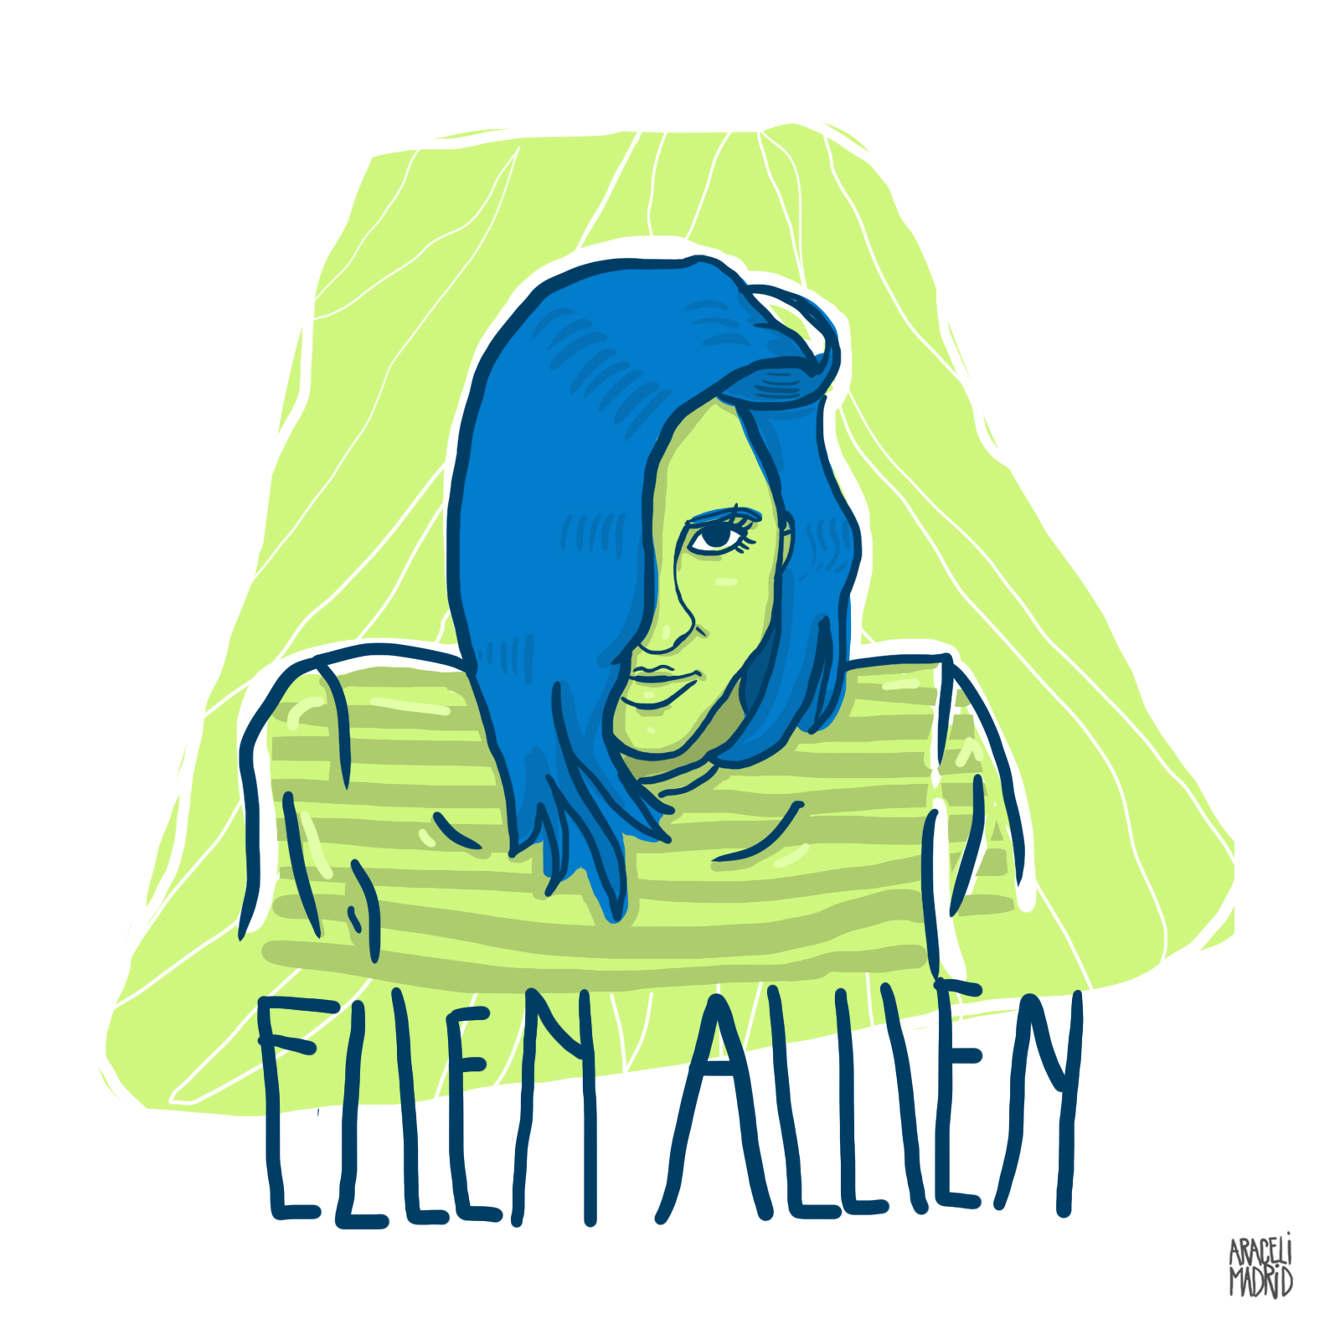 Ellen Allien Djs ilustrados